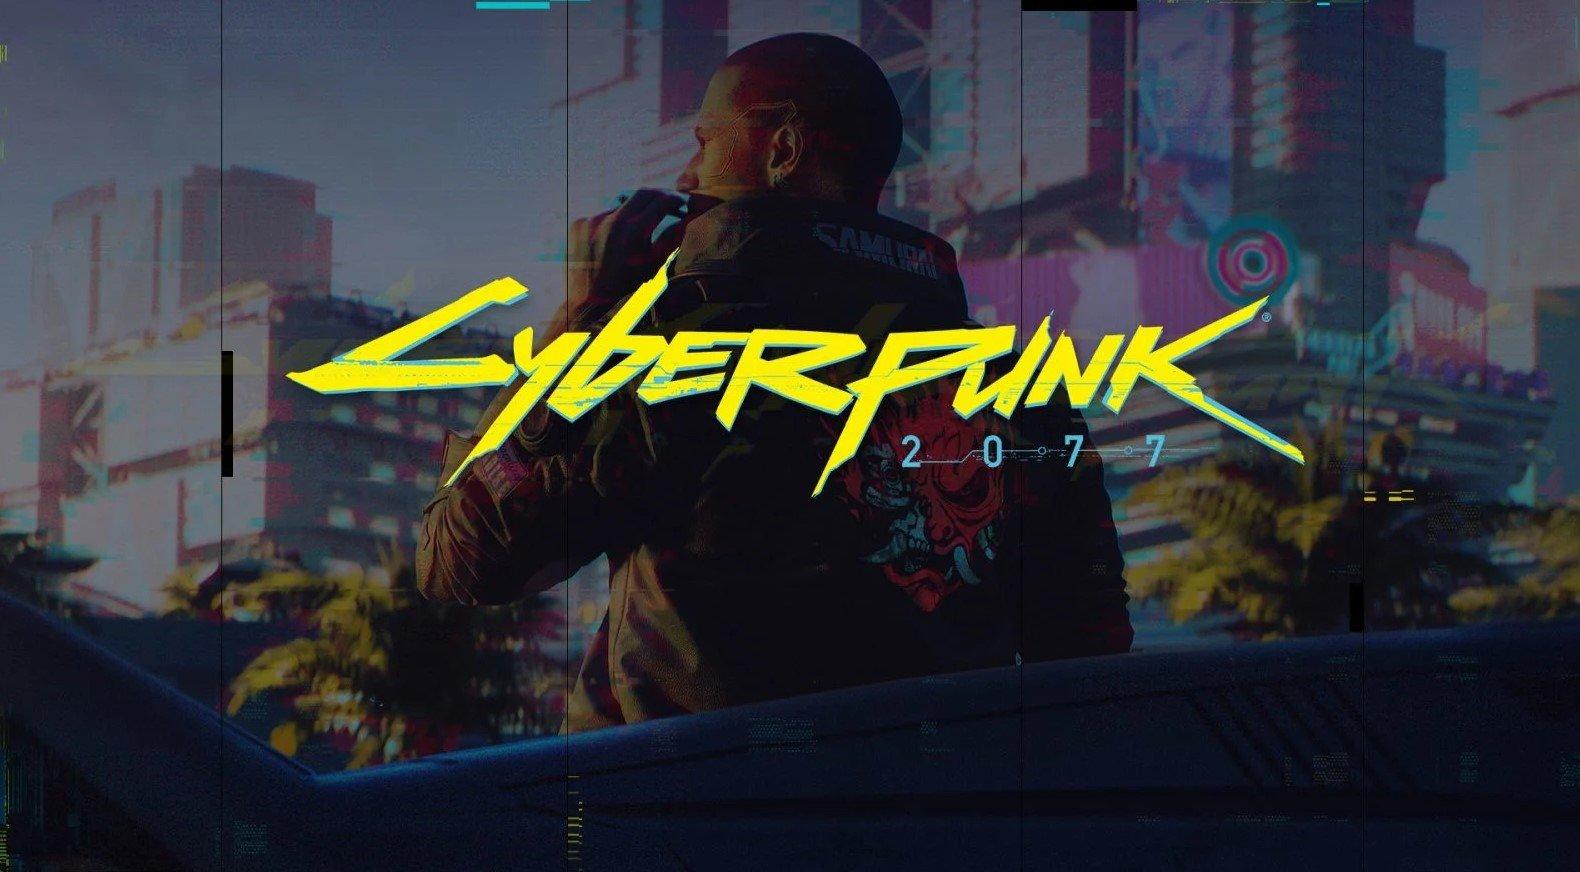 yeni Cyberpunk 2077 fragmanı